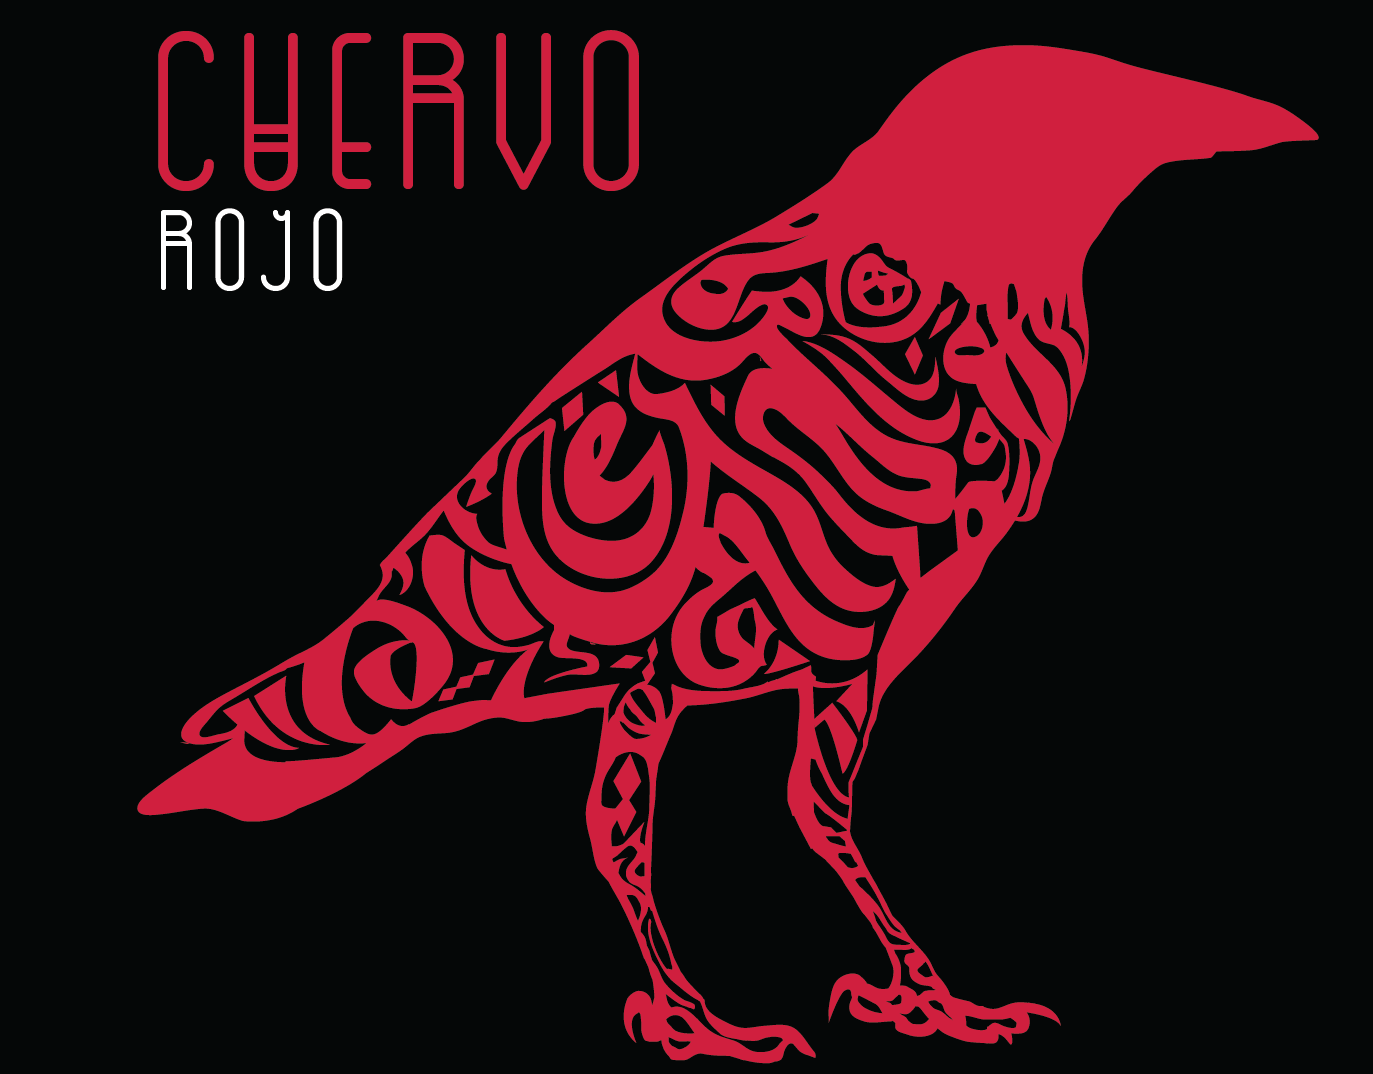 Cuervo Rojo Ediciones